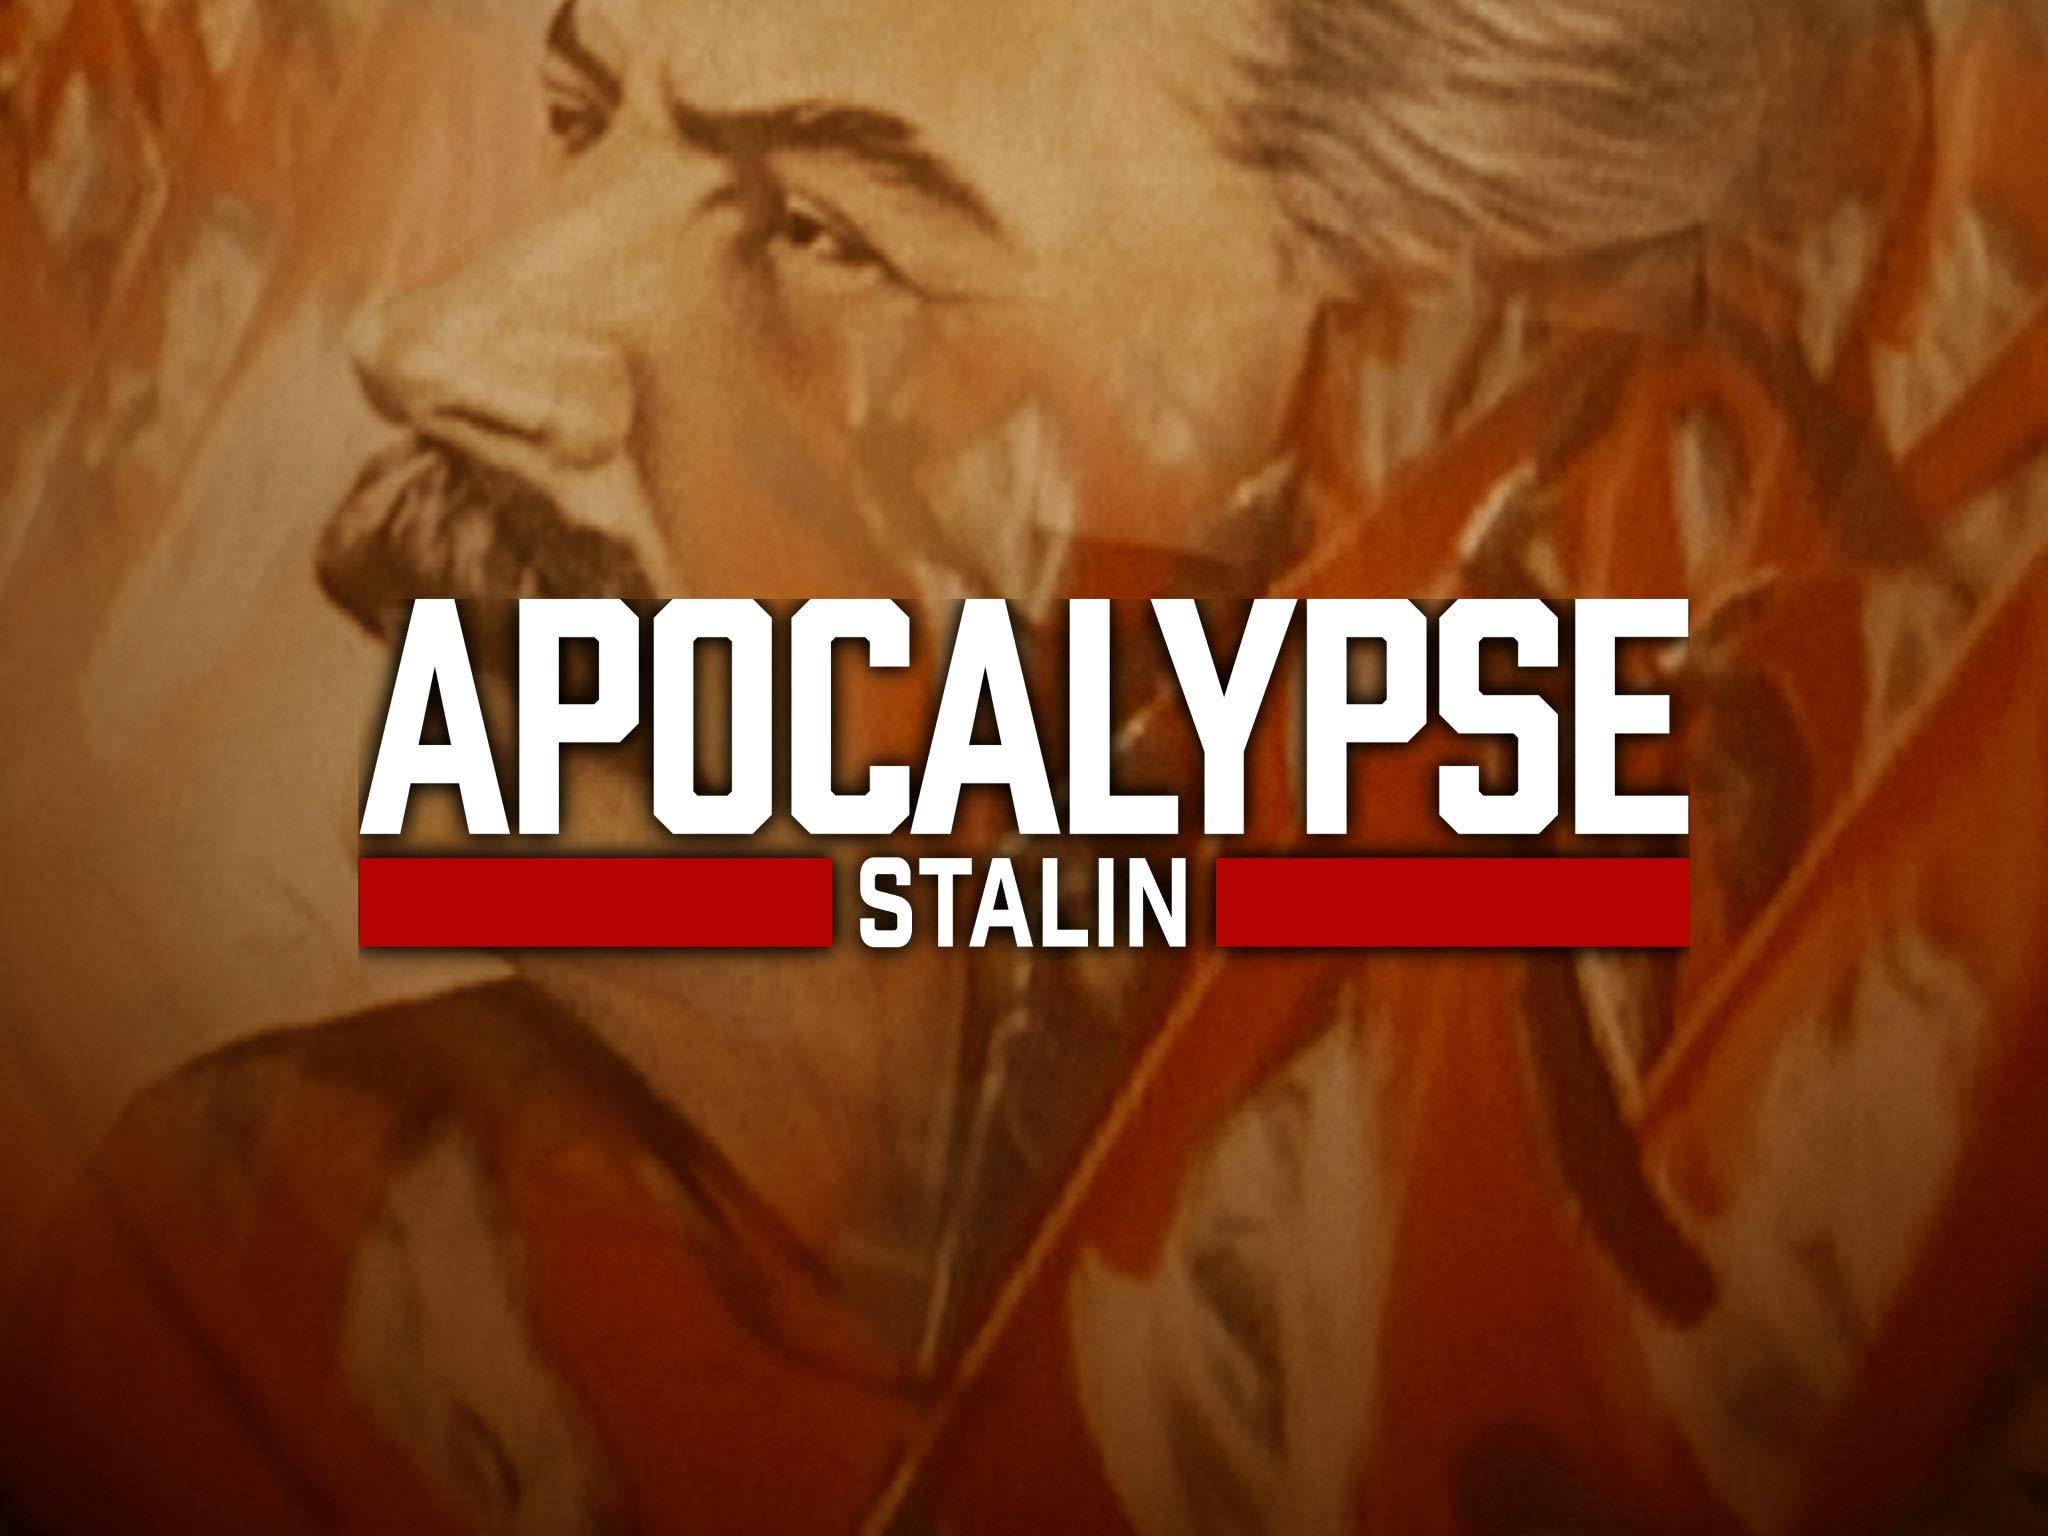 Apocalypse: Stalin (2018) – S1, Ep3 – Le Maître du Monde